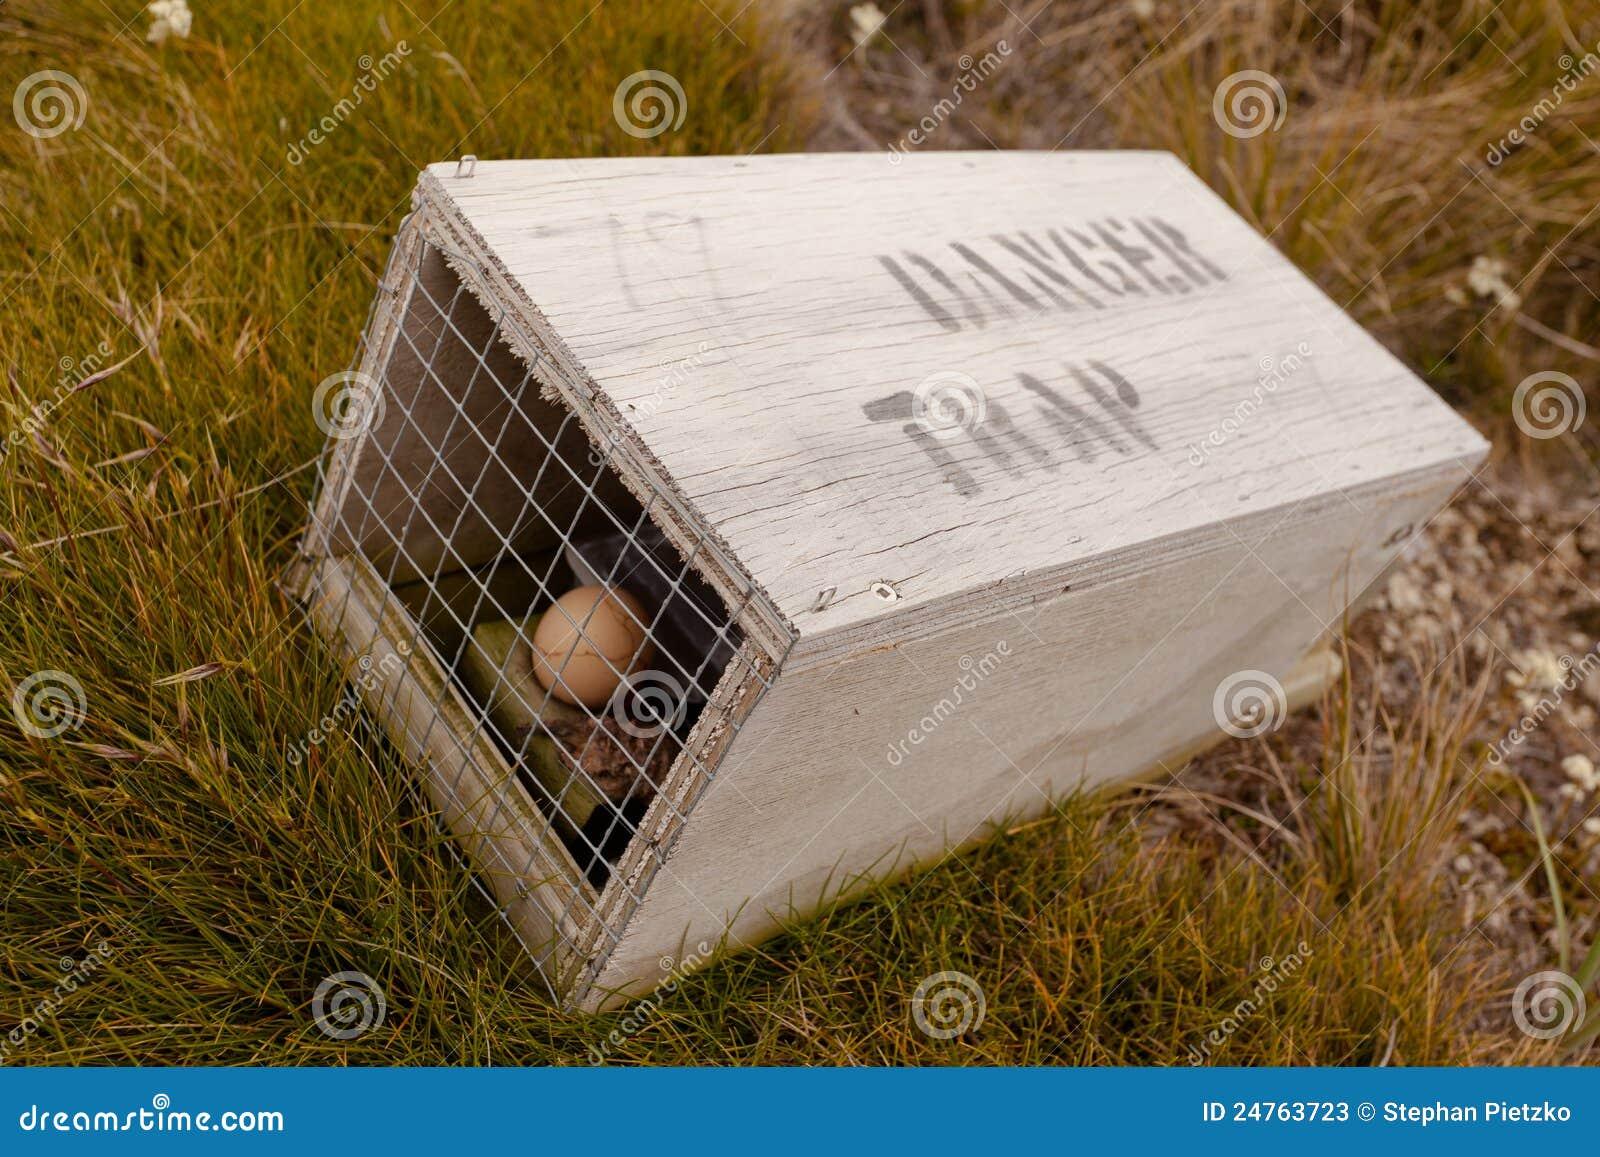 Kleine dierlijke val met geschreven waarschuwing voor mensen